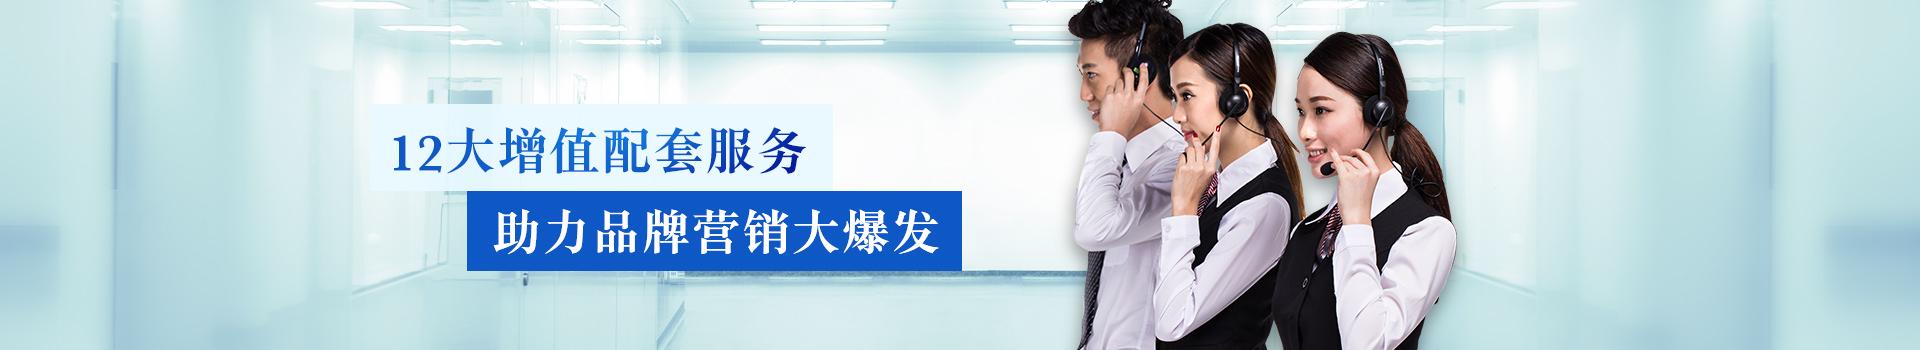 雷竞技raybet外围雷竞技推广码-12大增值配套服务,助力品牌营销大爆发